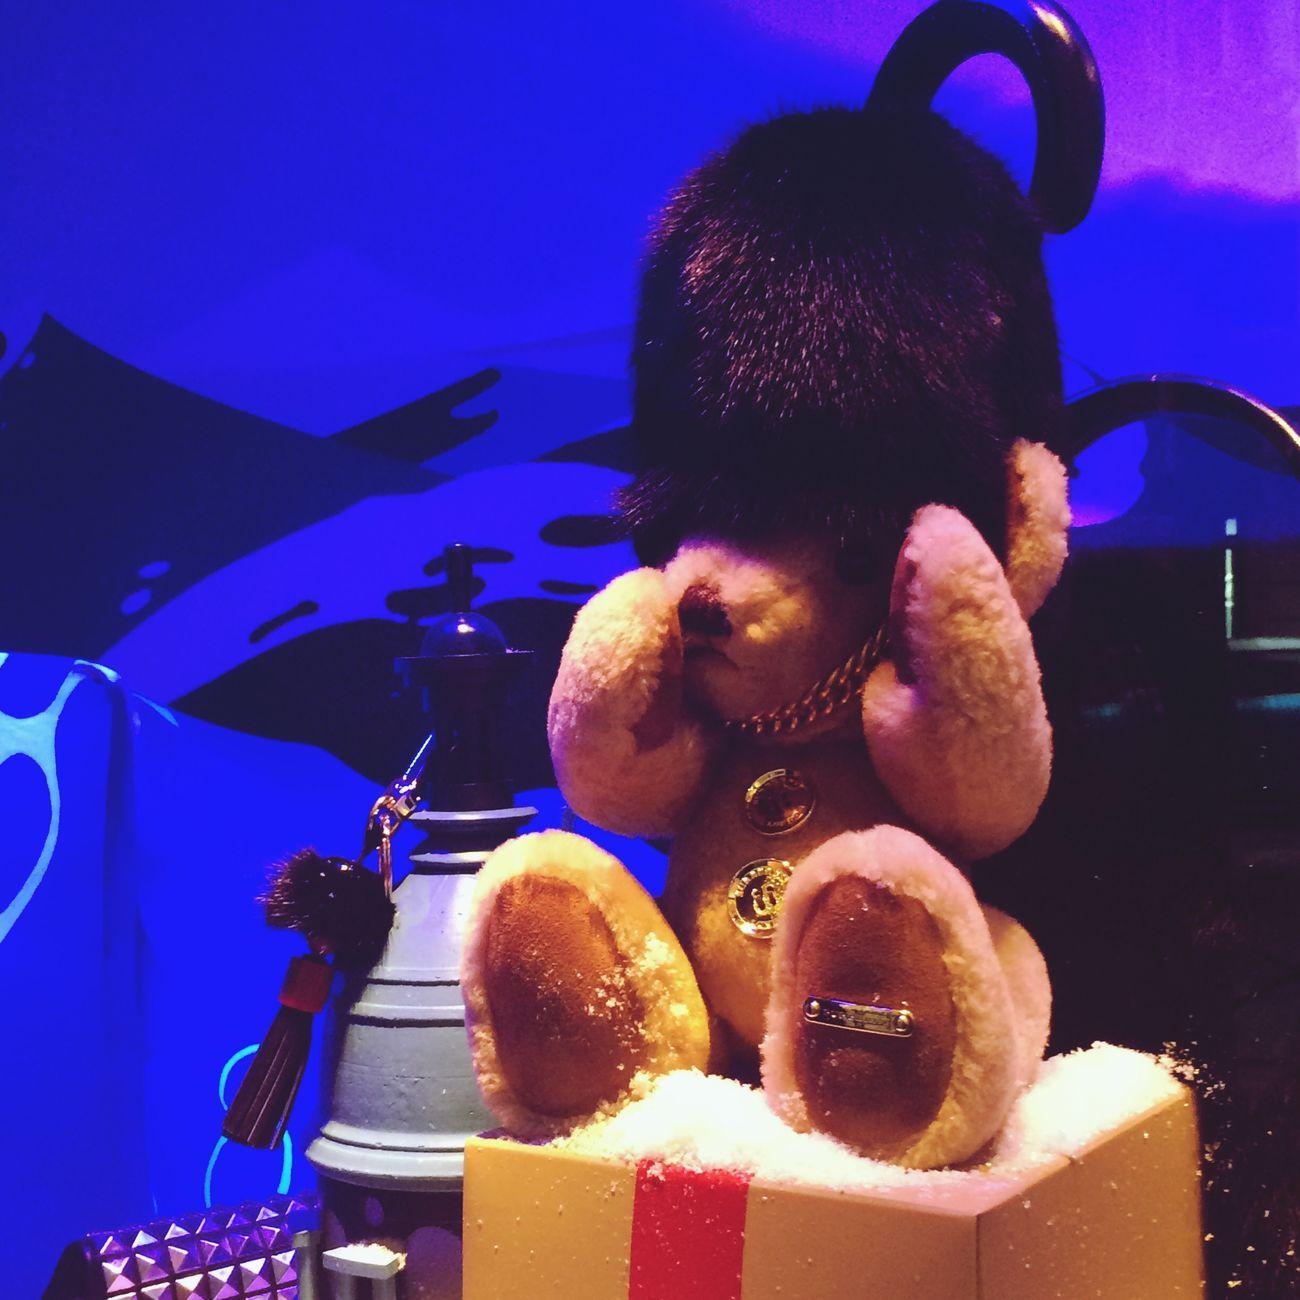 Christmas Lights Christmas Decorations Cute Teddy Bear